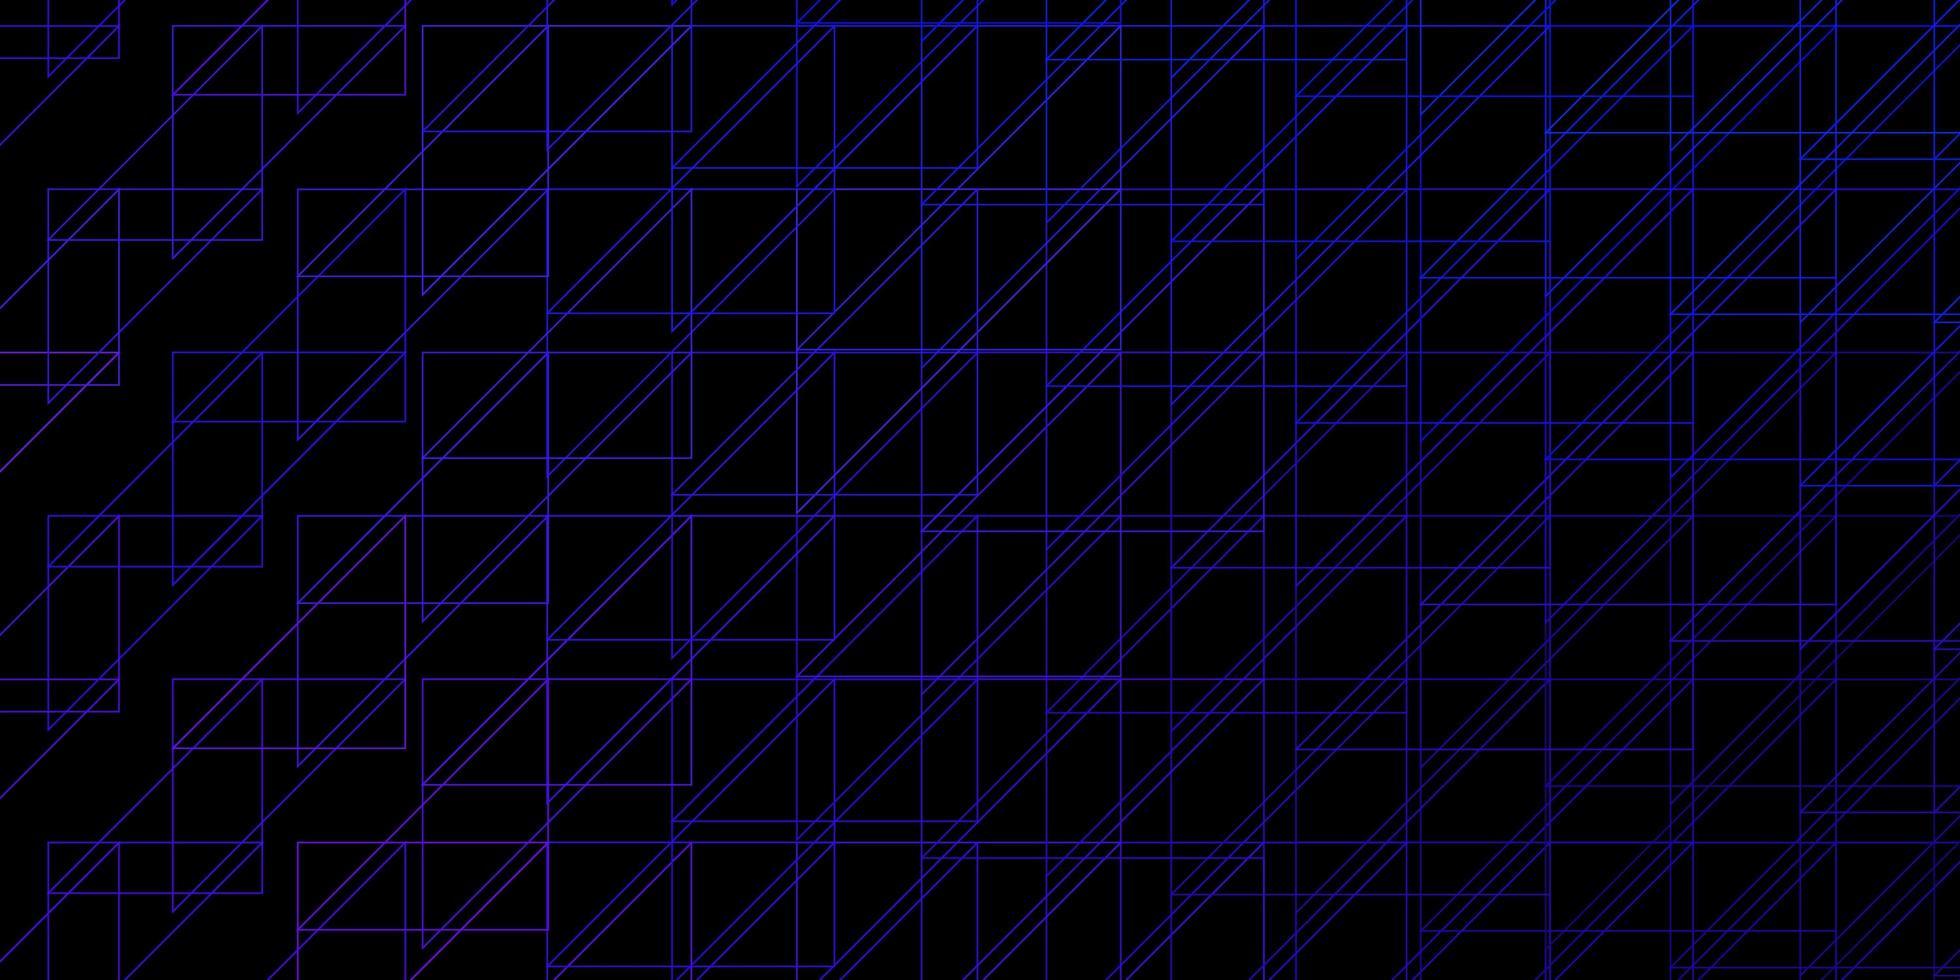 fundo vector azul, vermelho escuro com linhas.